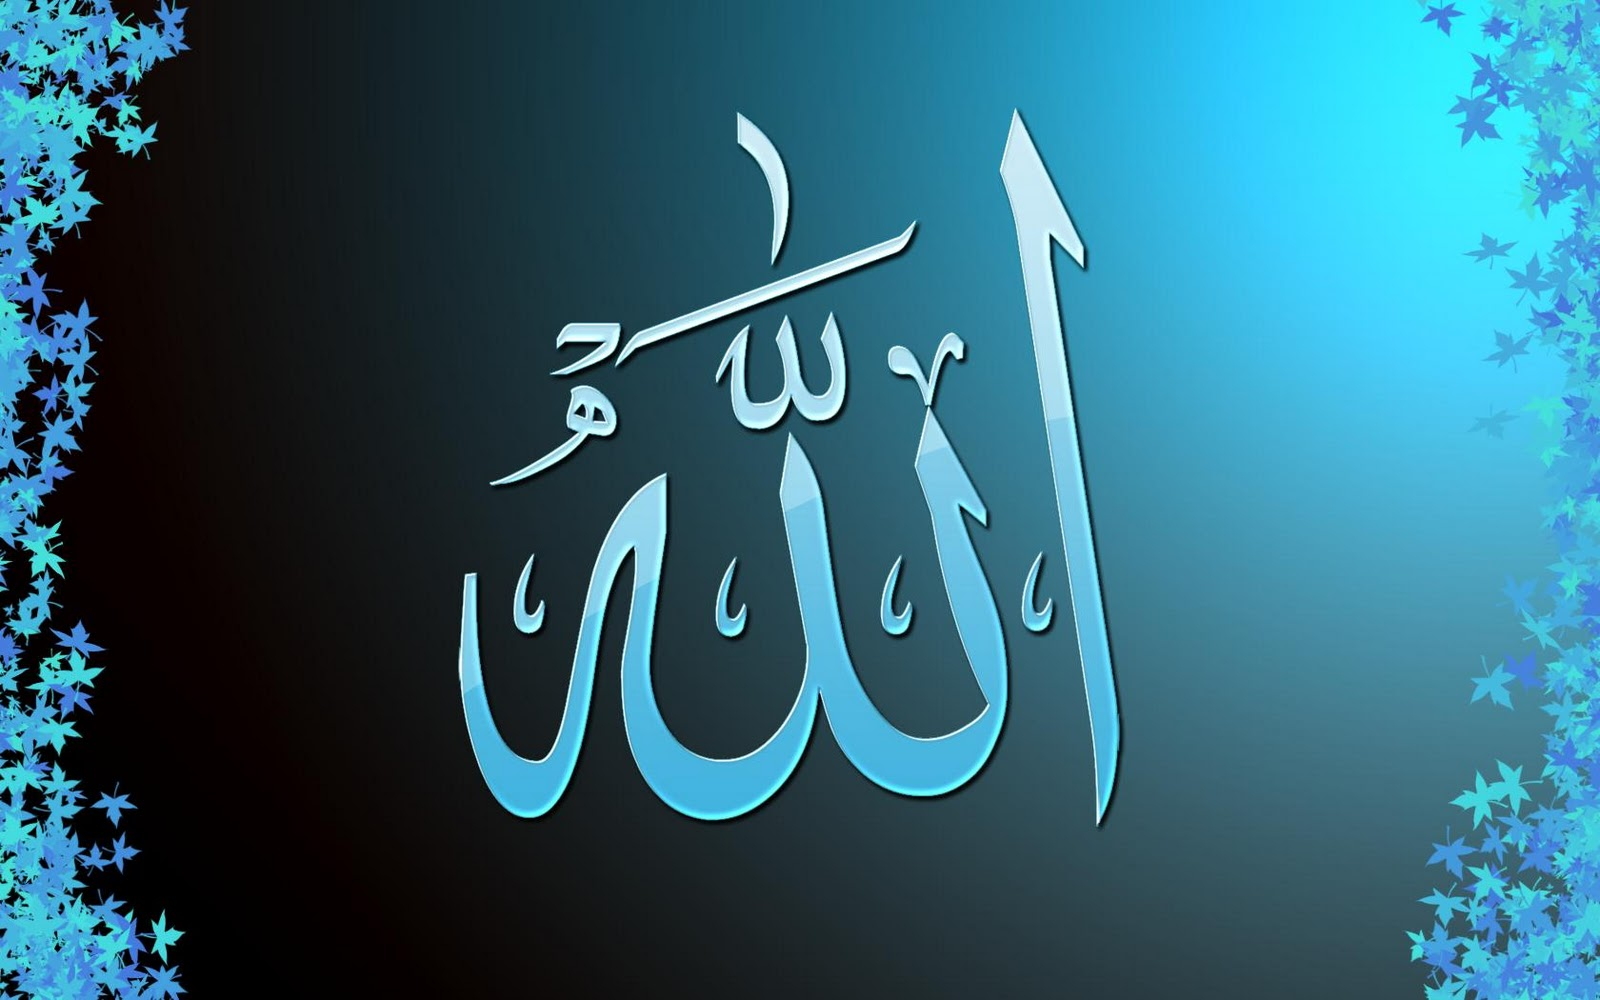 Картинки с надписи аллах, картинки болею